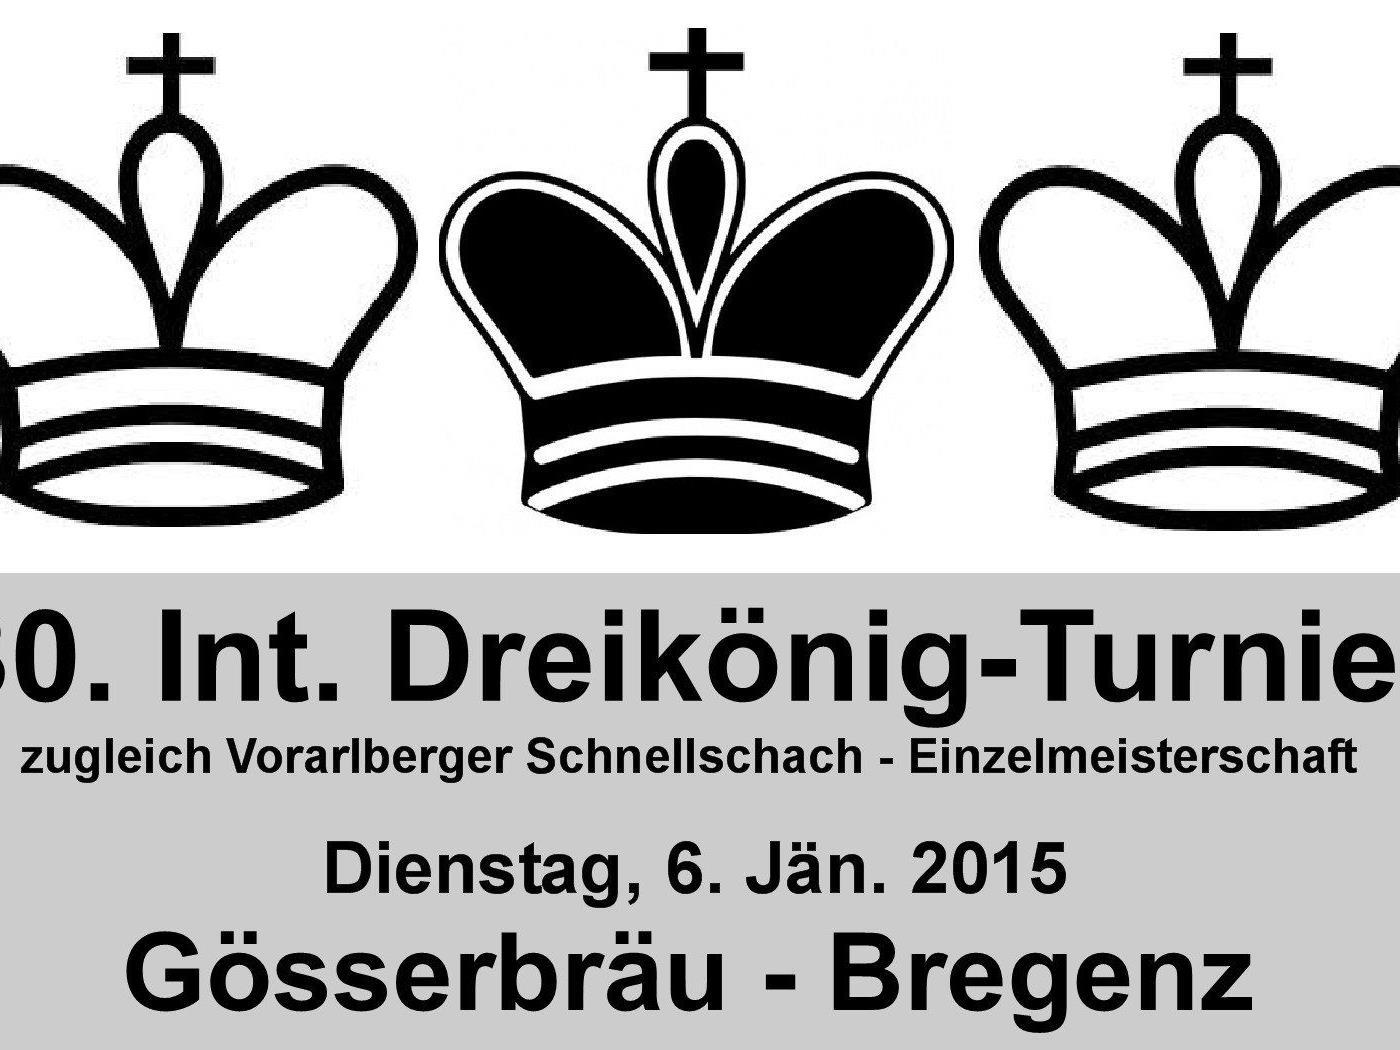 30. Int. Dreikönig-Schnellschach-Turnier